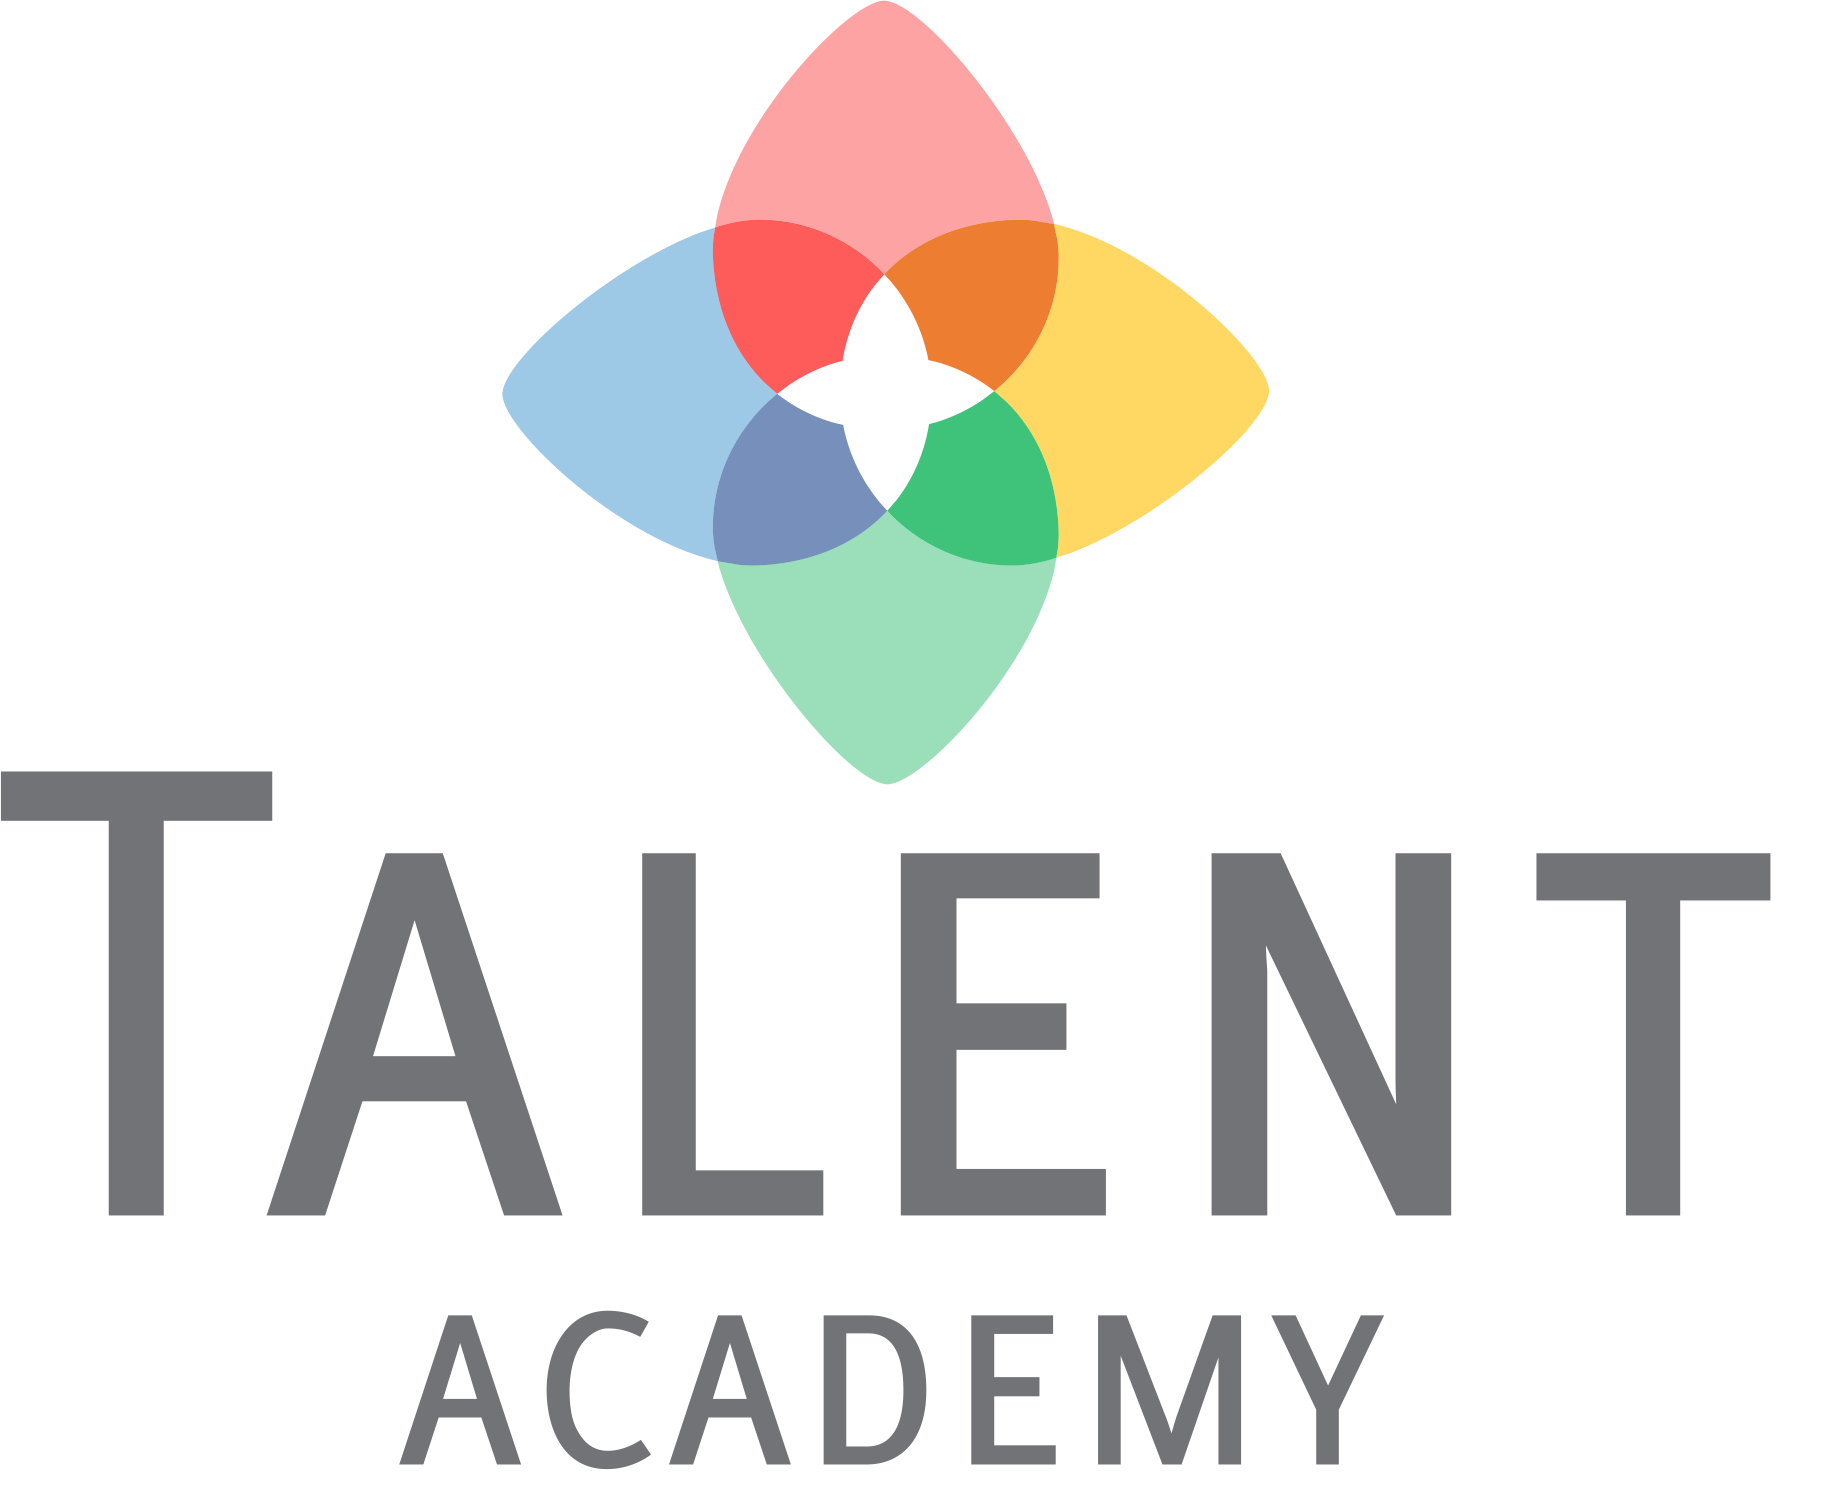 """Logotipo da empresa Talent Academy. As palavras """"Talent Academy"""" estão escritas em cinza. Acima disso, há uma forma de flor em quatro cores: vermelho, azul, amarelo e verde."""